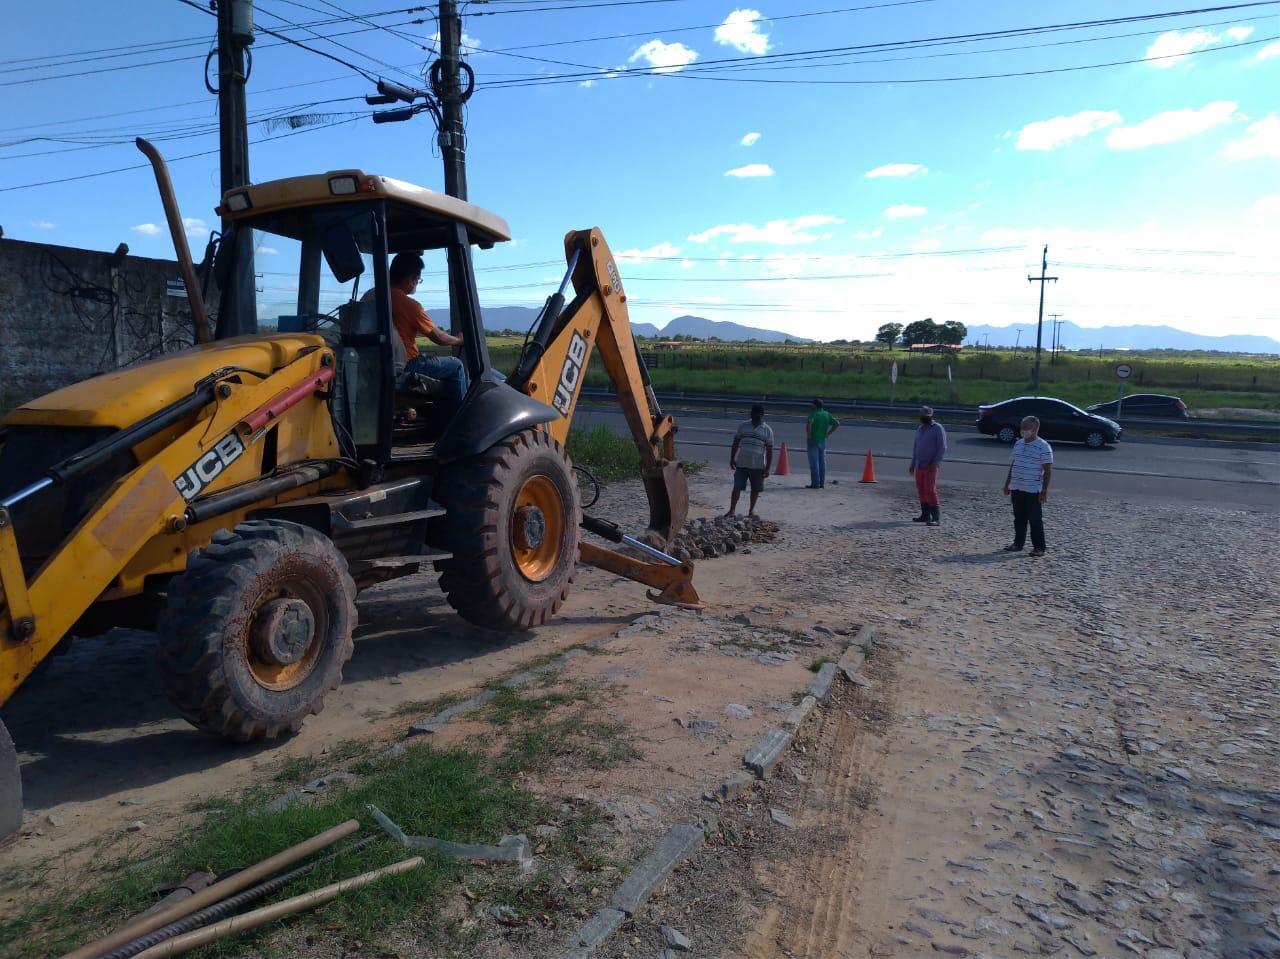 Prefeitura de Eusébio inicia obras de implantação da rede de abastecimento d'água no Jabuti Km 19